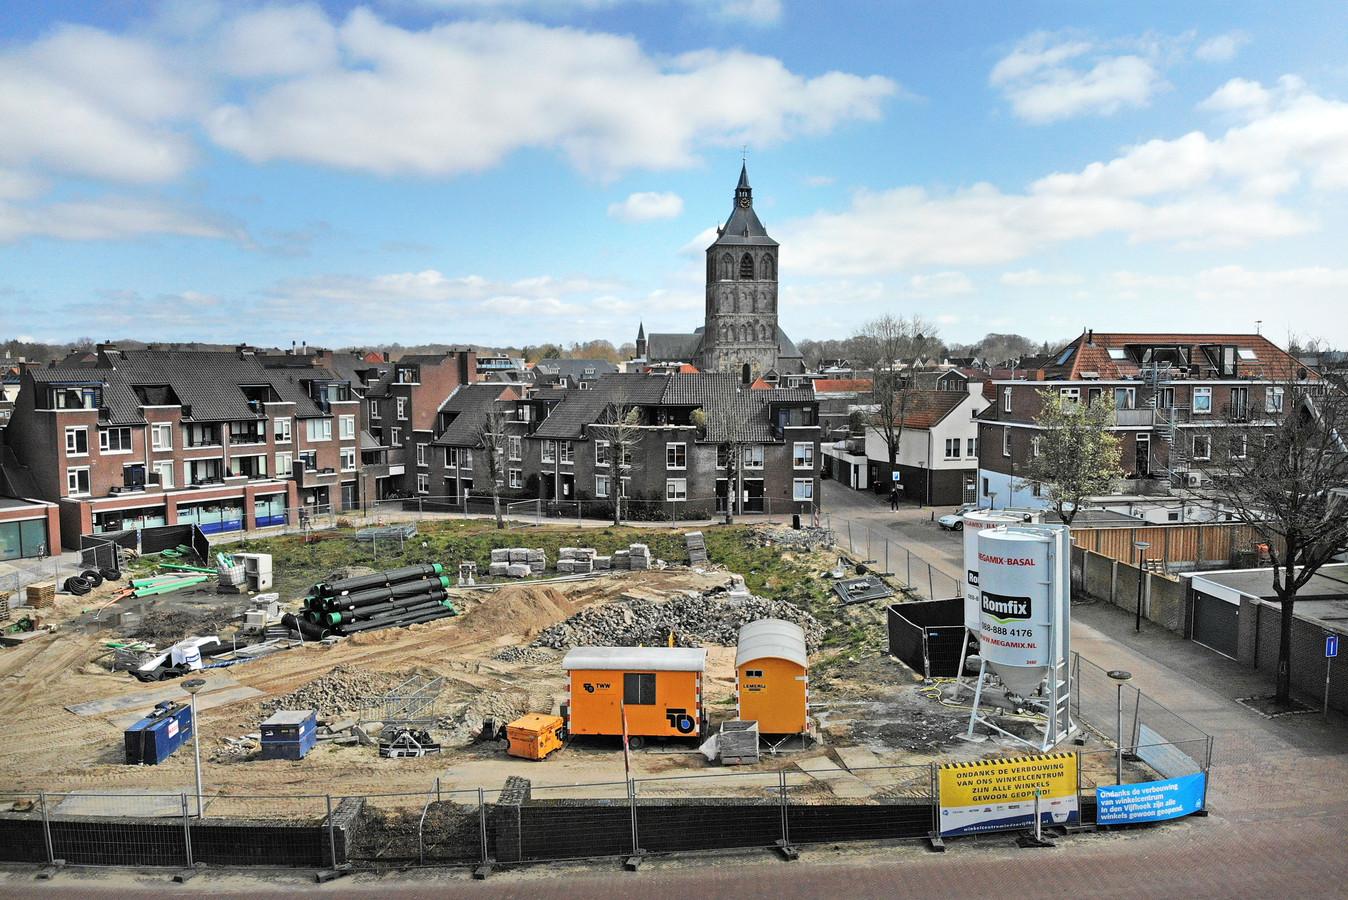 Het ontbreken van een goede parkeeroplossing en een bouwplan dat te massaal is voor deze plek zorgen ervoor dat de gemeente Oldenzaal en de HMO het nog niet eens zijn geworden over de herinvulling van de plek van het vroegere postkantoor.